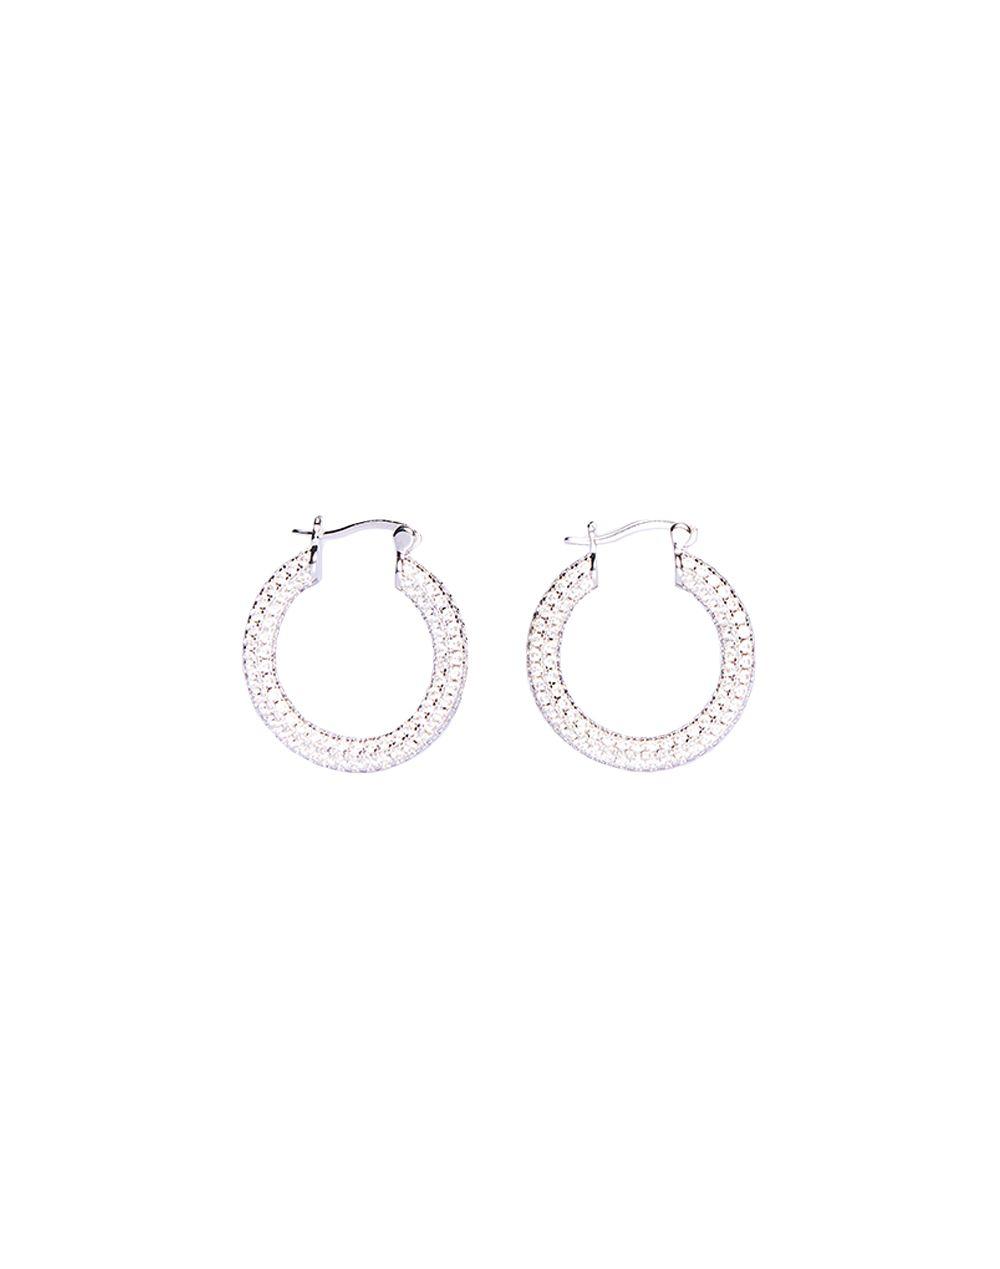 Crystal Hoop Earrings-YUYU